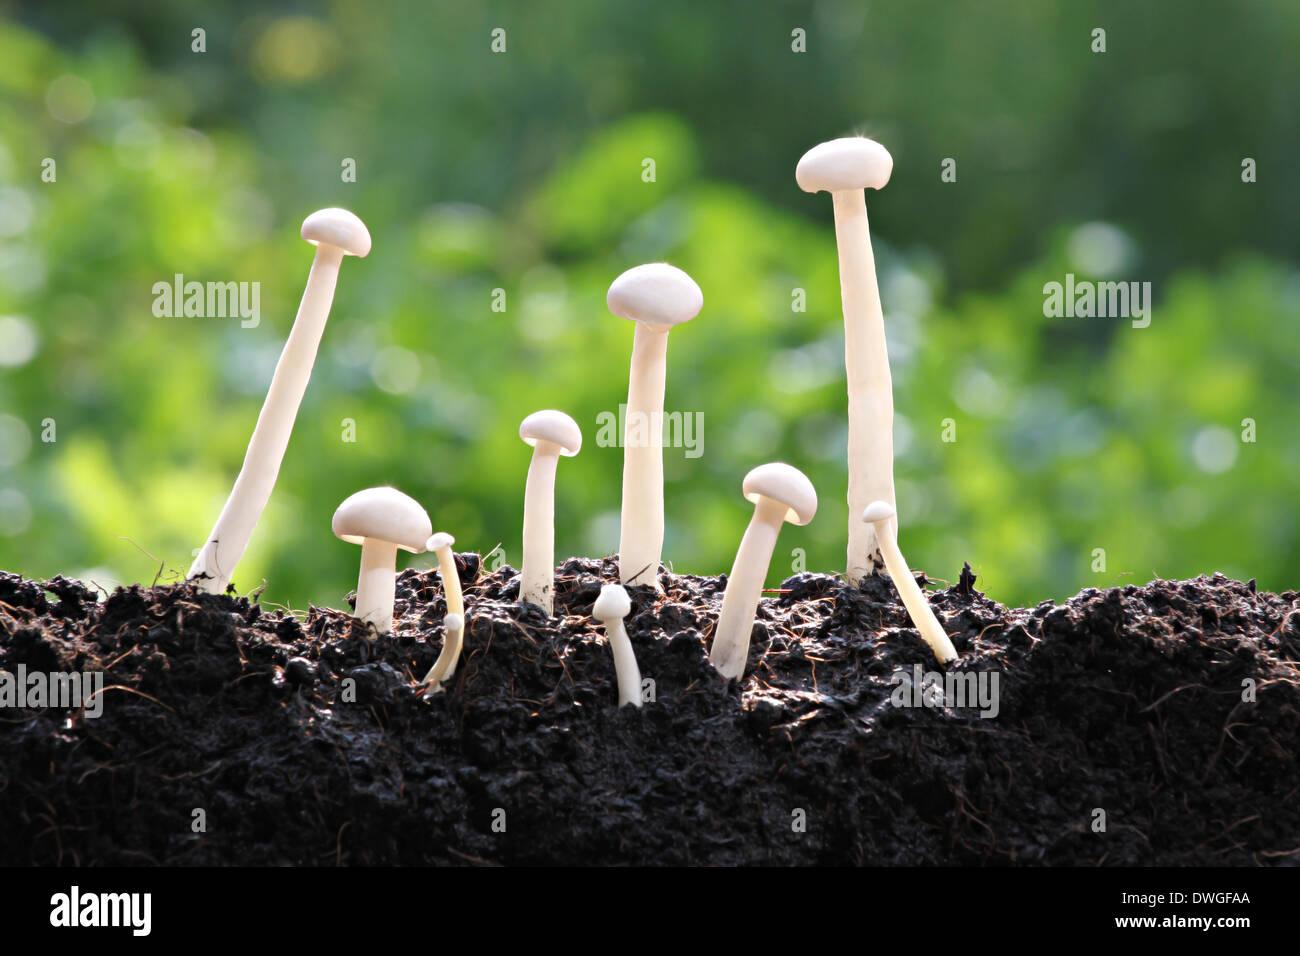 Weißer Pilz viele frühes Wachstum im Hinterhof. Stockbild